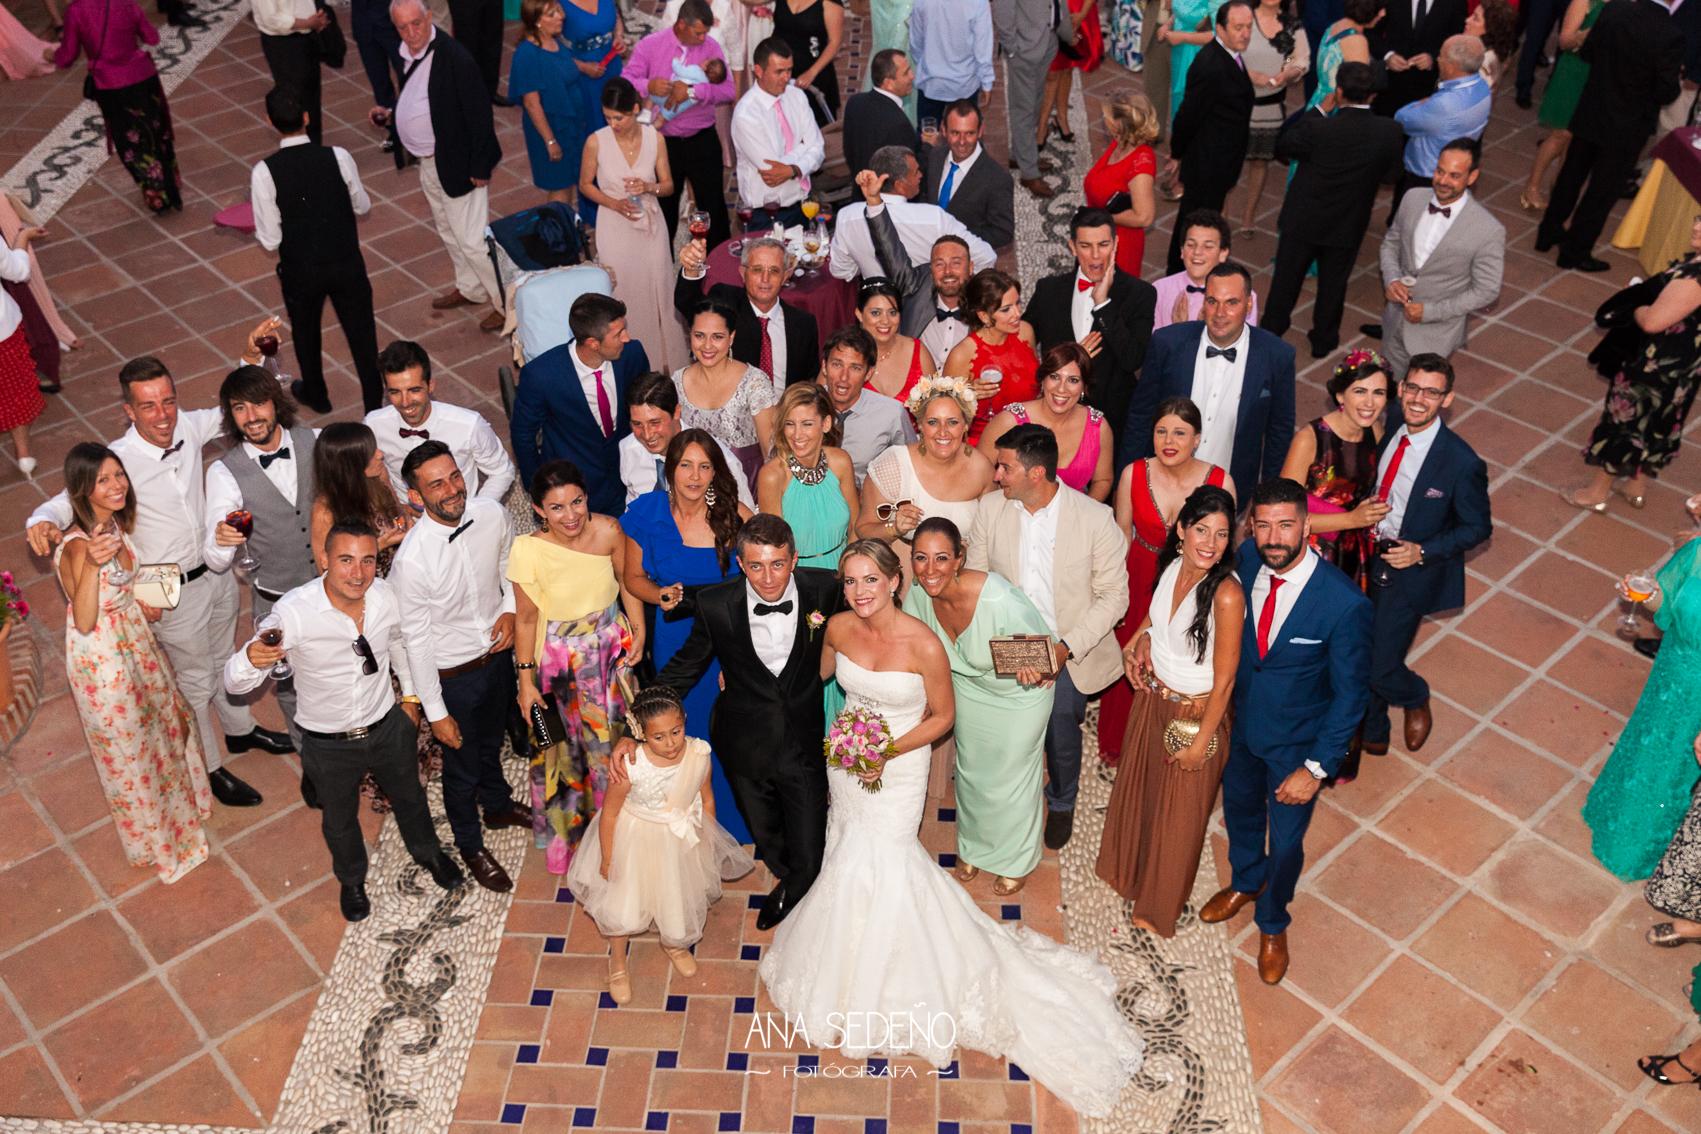 ana-seden% CC% 83o-fotografa-boda-1431